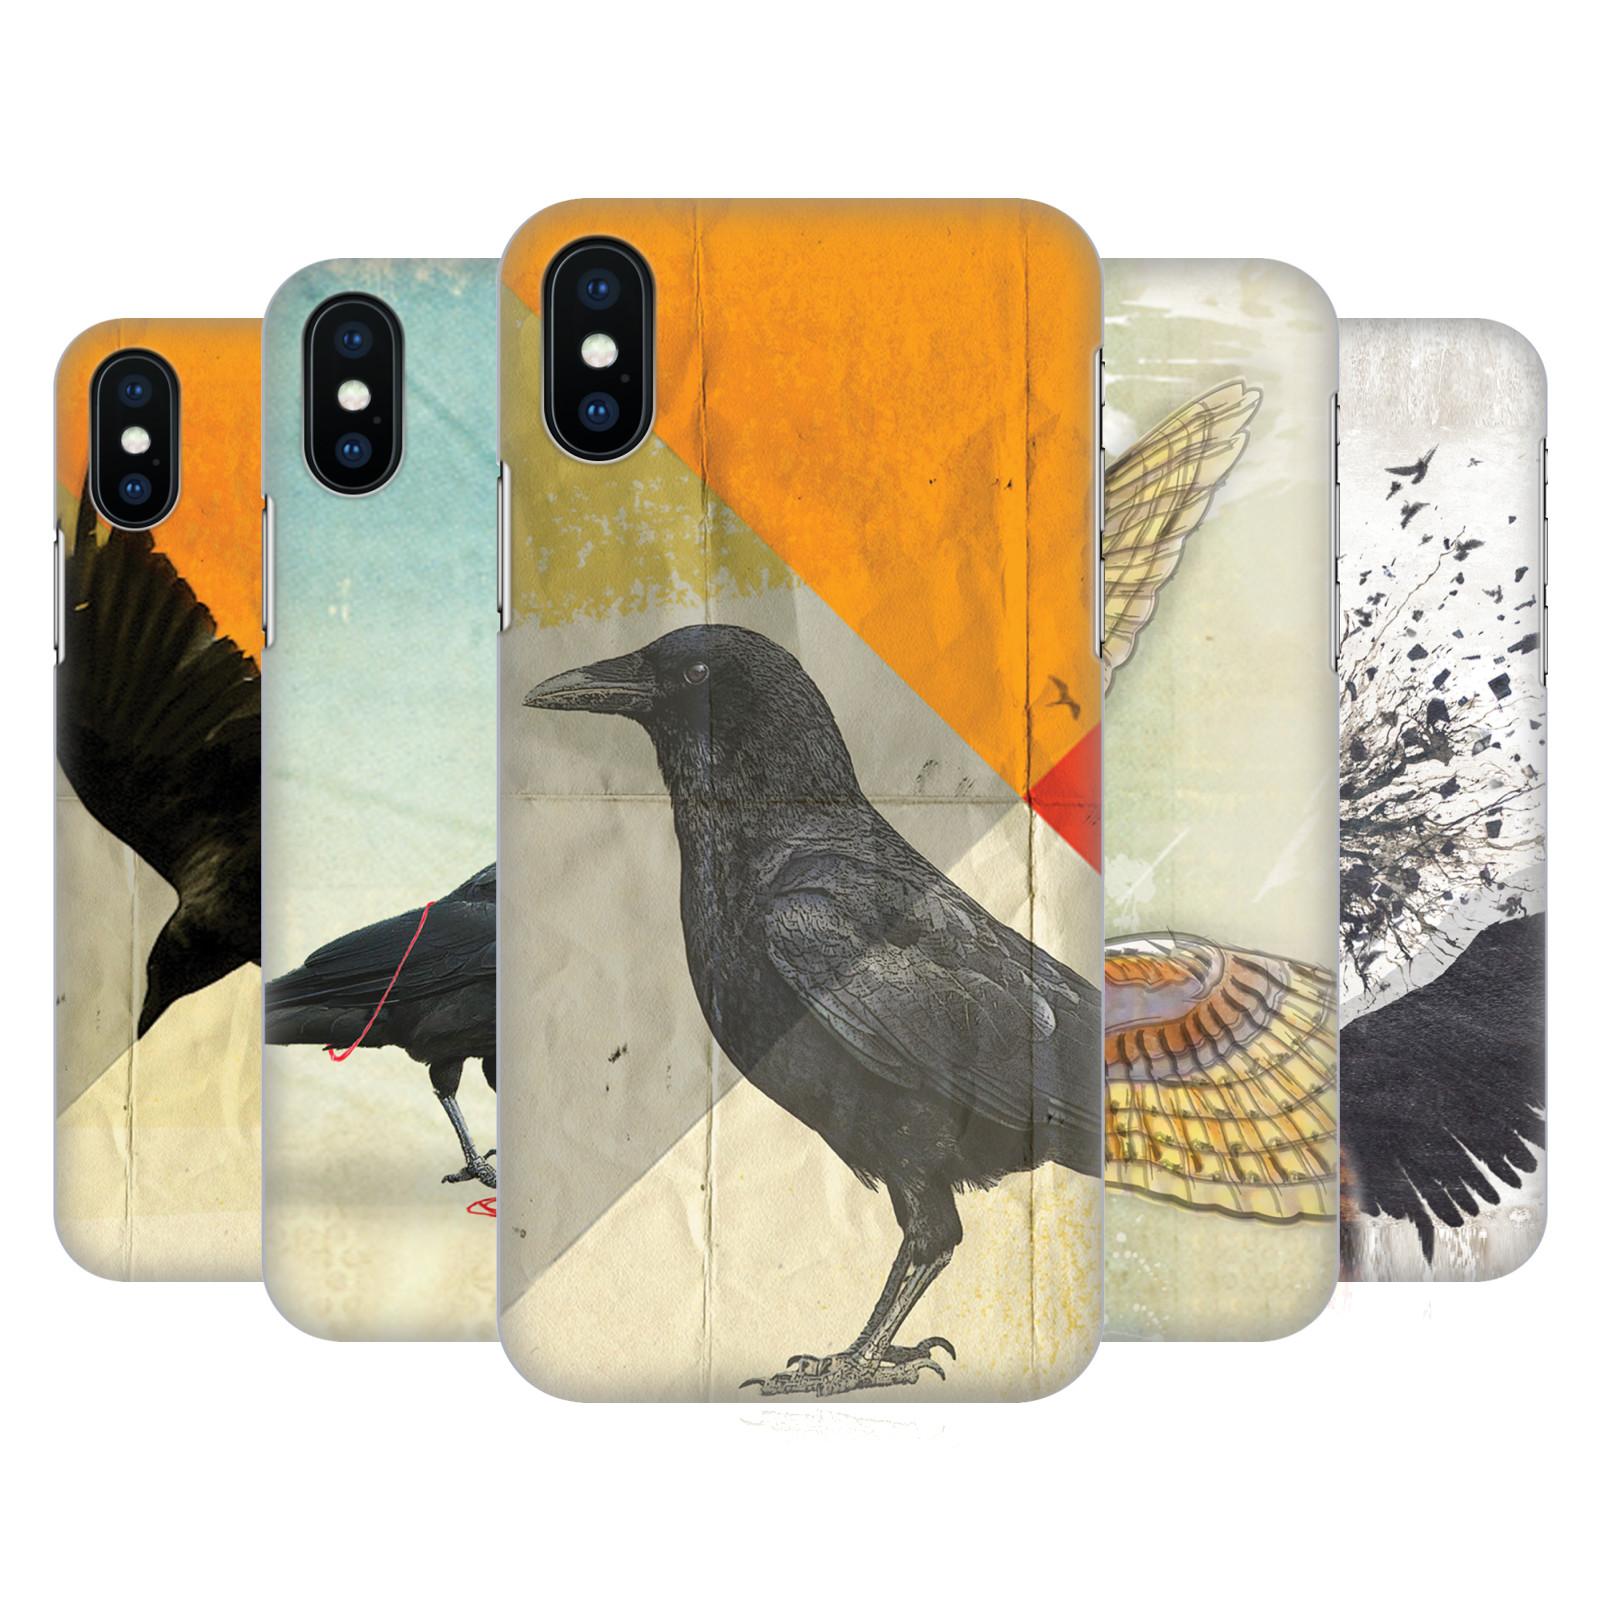 Vin Zzep Birds